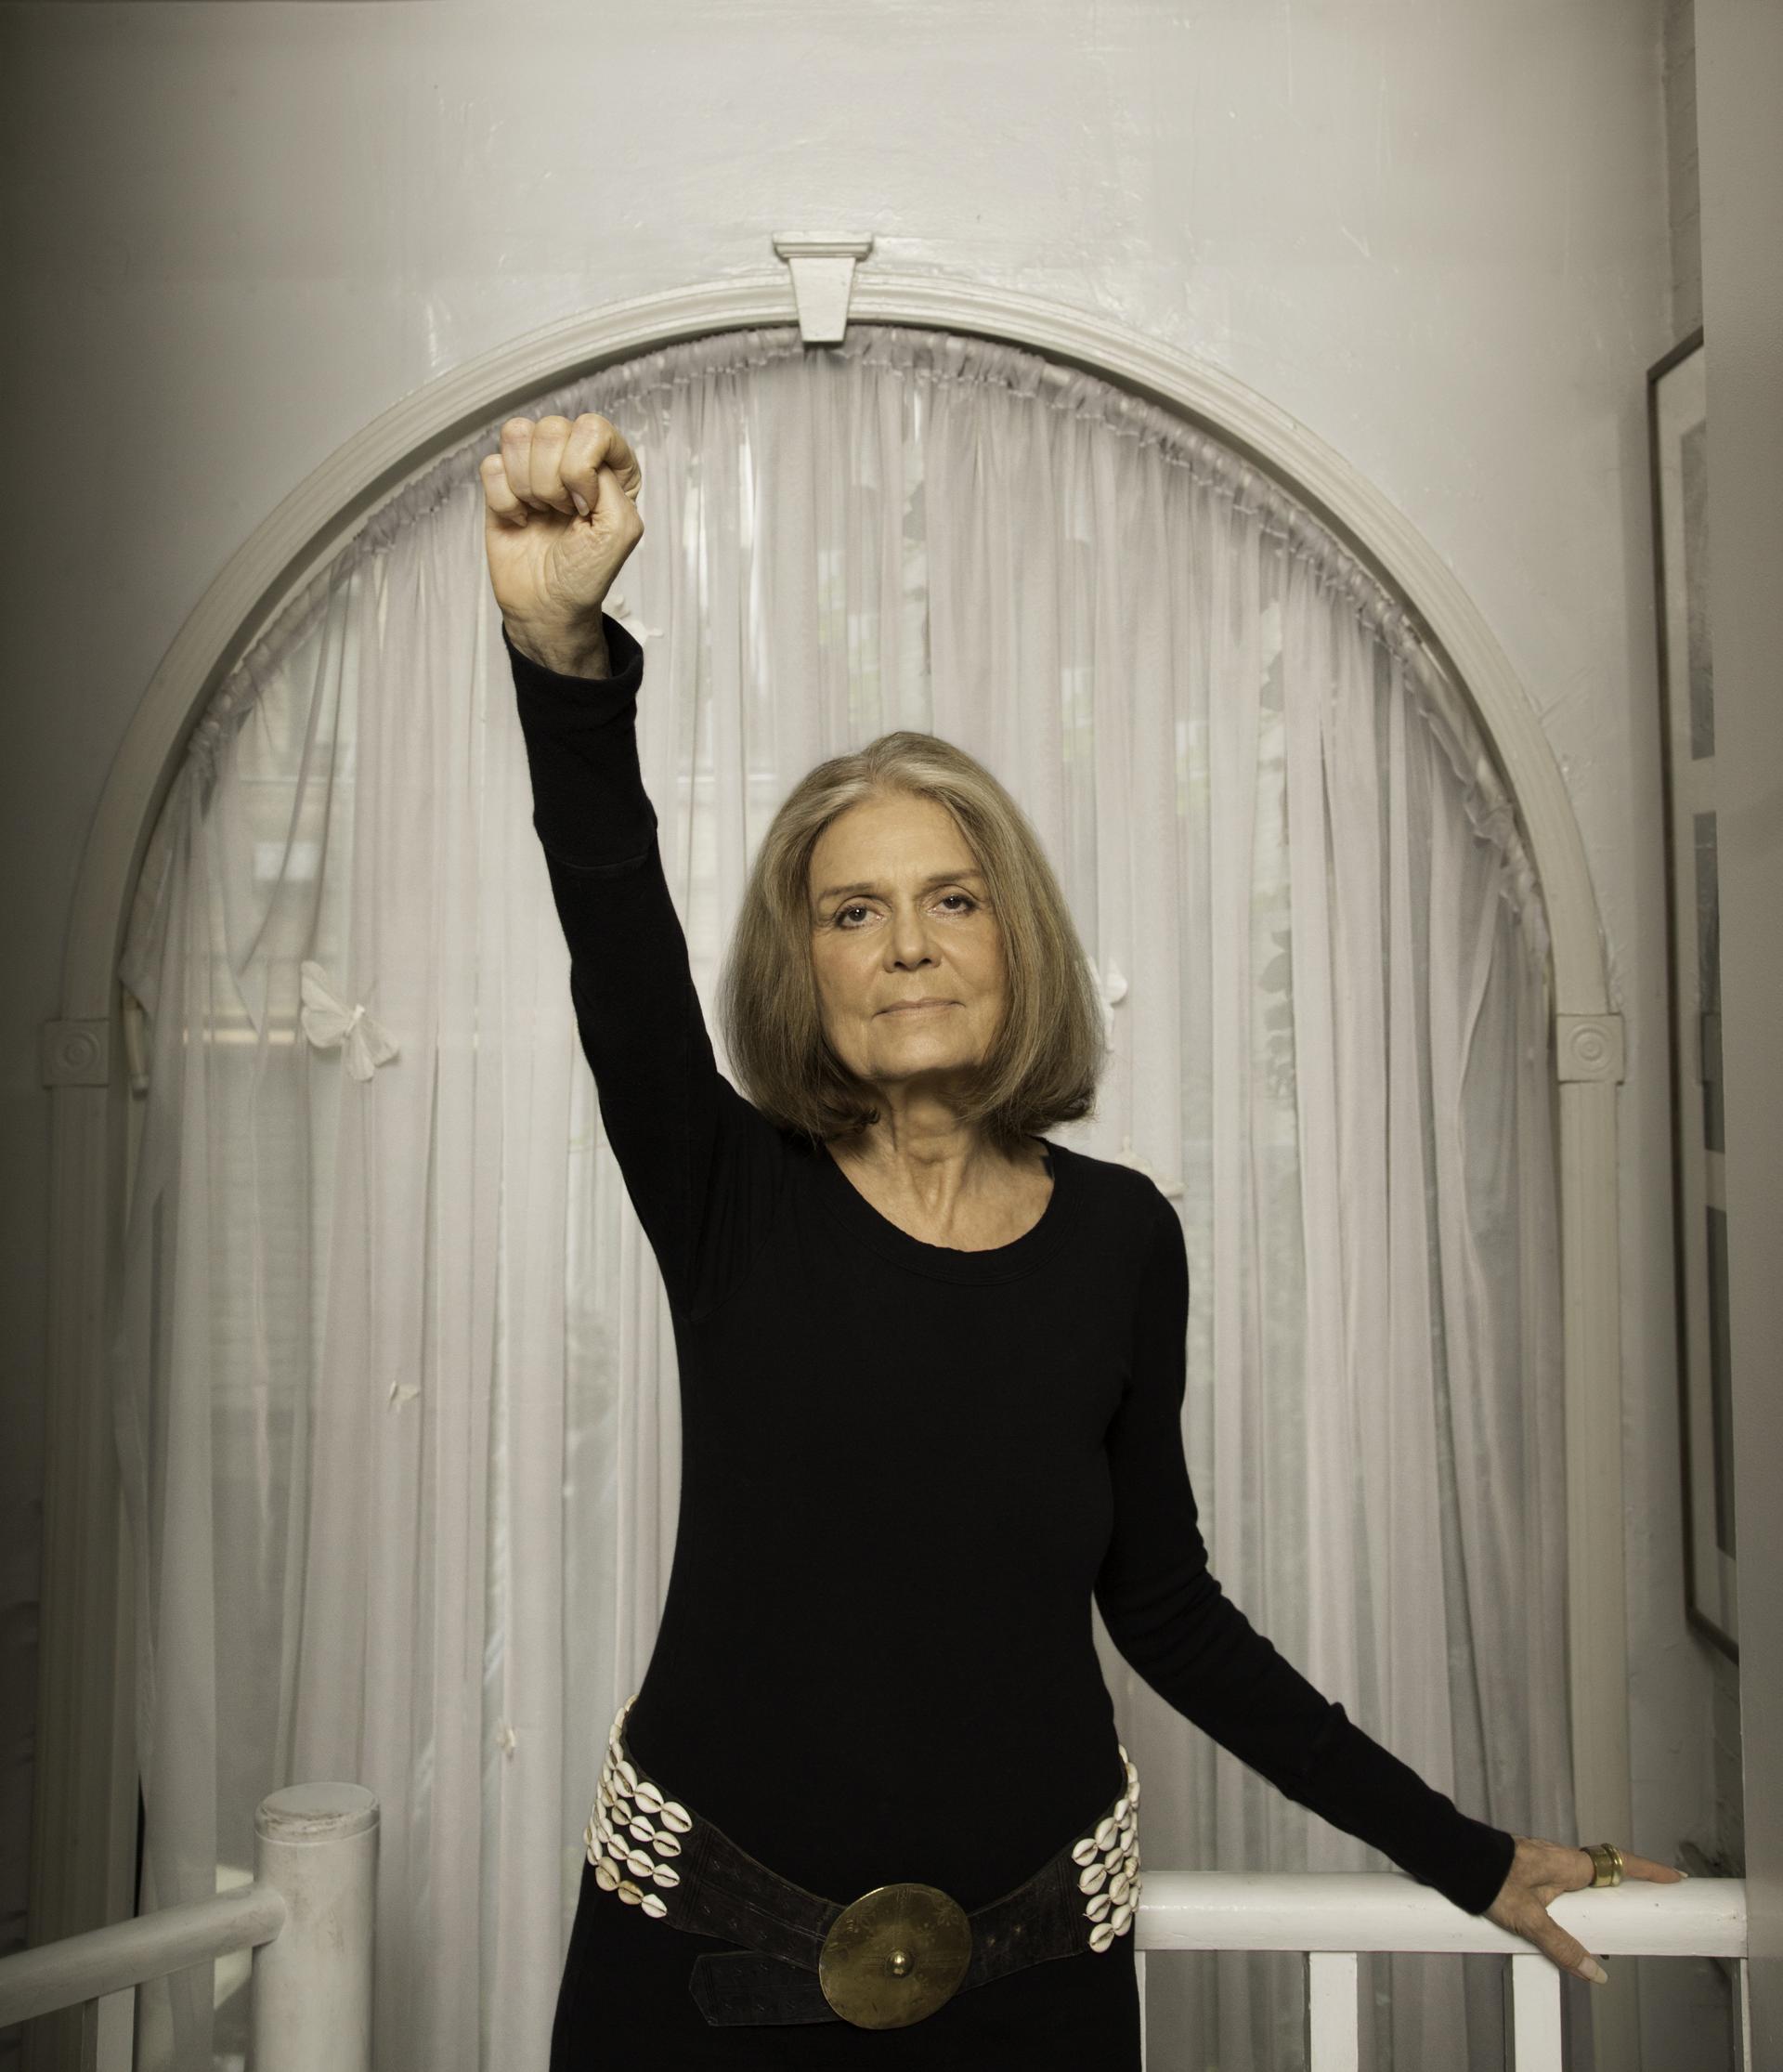 Photo taken from Instagram of Gloria Steinem